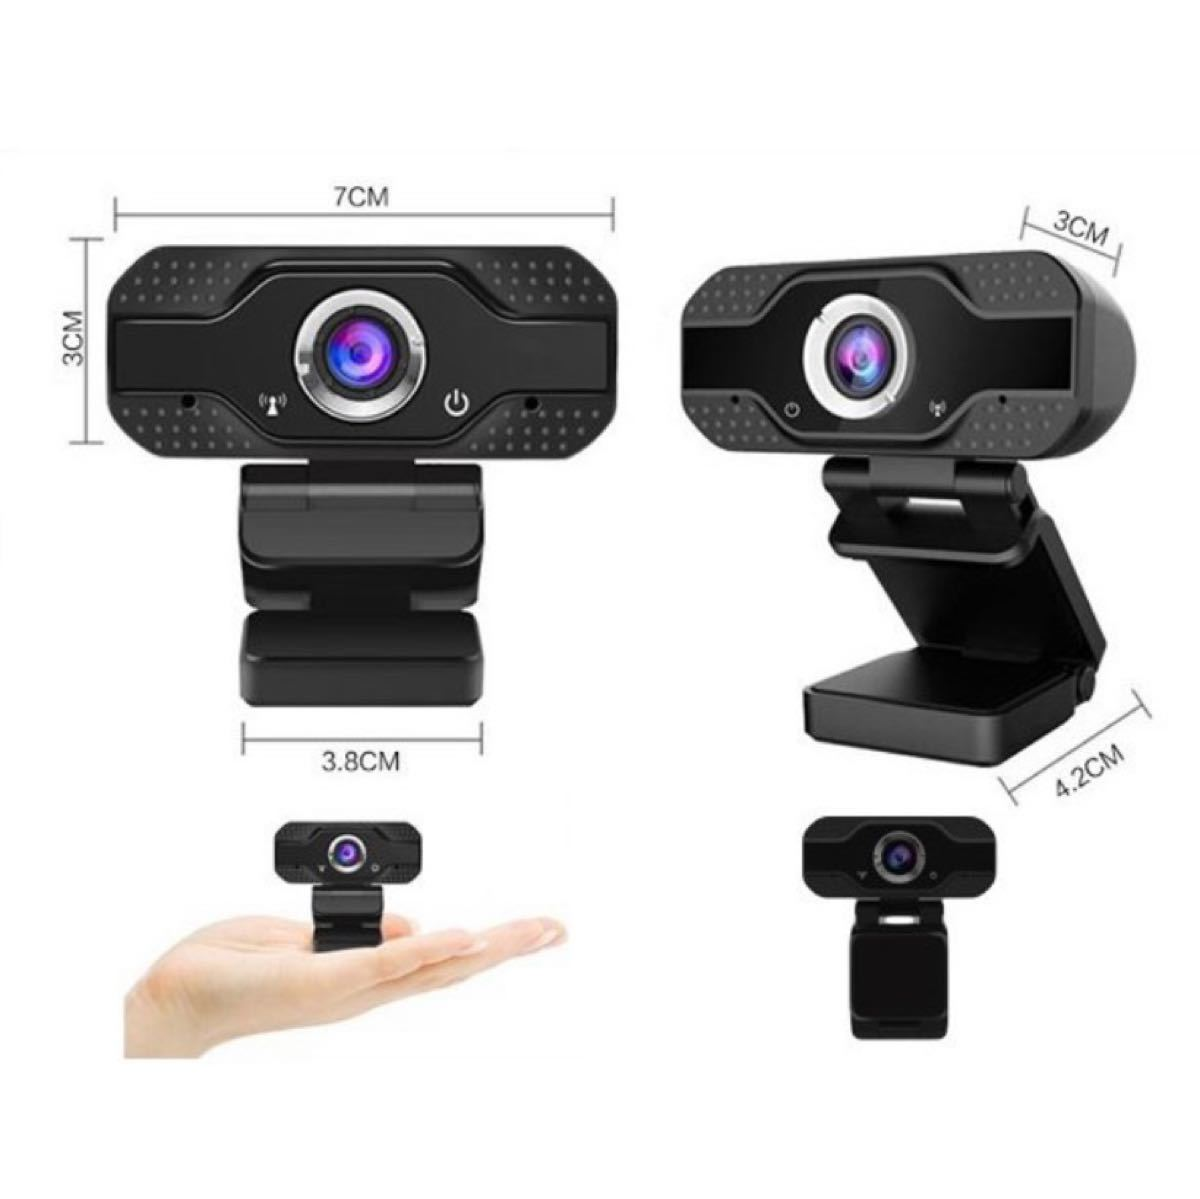 webカメラ 1080P ウェブカメラ マイク内臓 高画質800万画素テレワーク会議 ビデオ通話 簡単設置USB